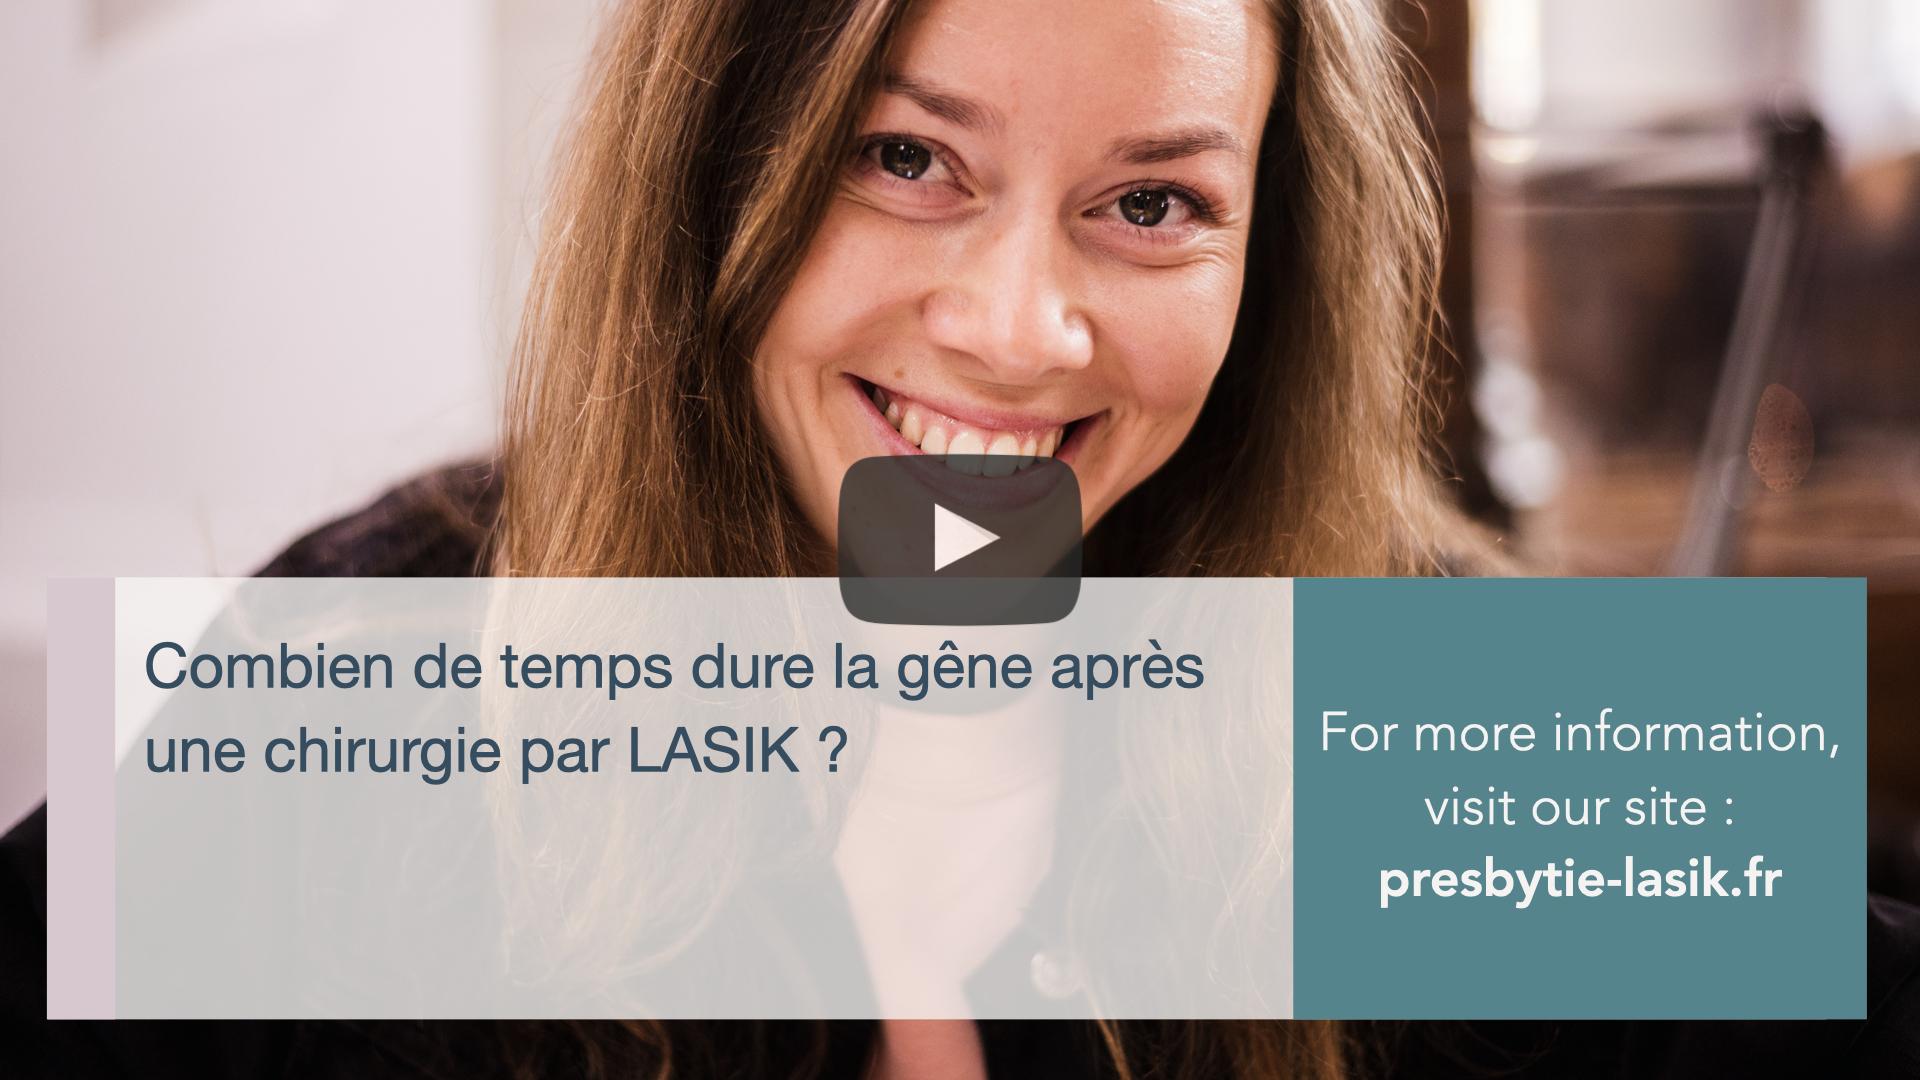 Combien-de-temps-dure-la-gêne-après-une-chirurgie-par-LASIK-Catherine-Albou-Ganem-Clinique-de-la-Vision-Paris